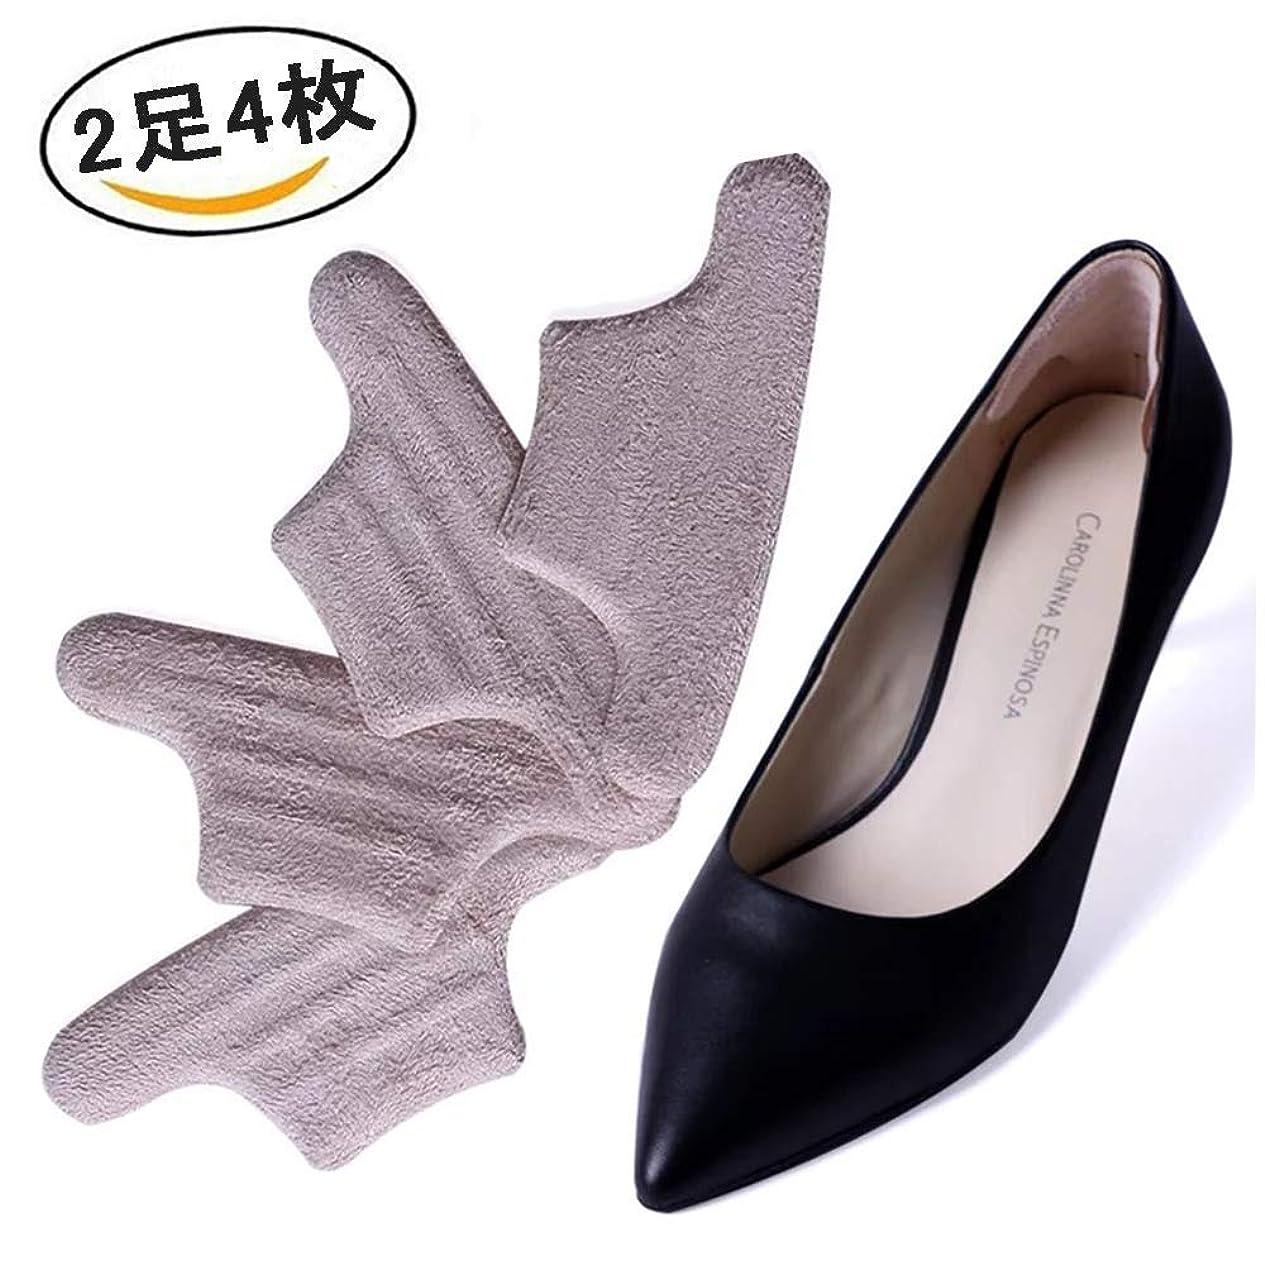 国際植物学者条件付き2足セット4枚入り 靴ずれ防止 かかとパッド 靴擦れ